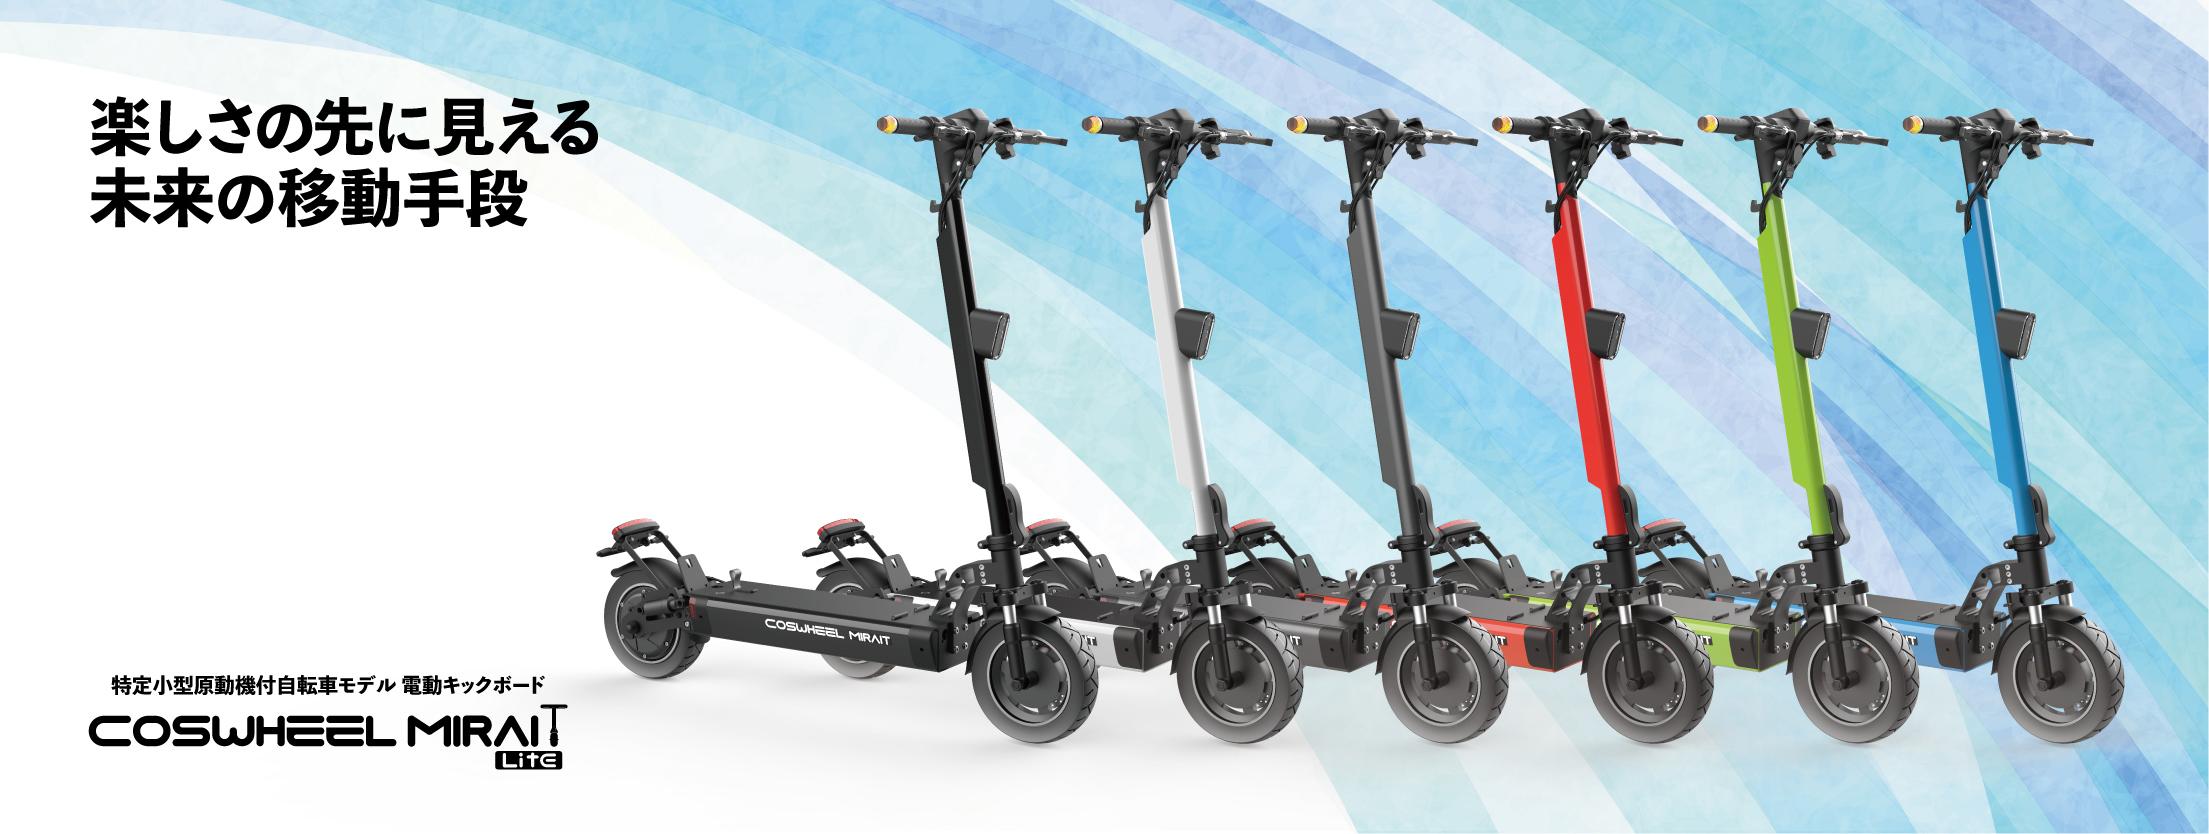 次世代Smart eBike TOP619